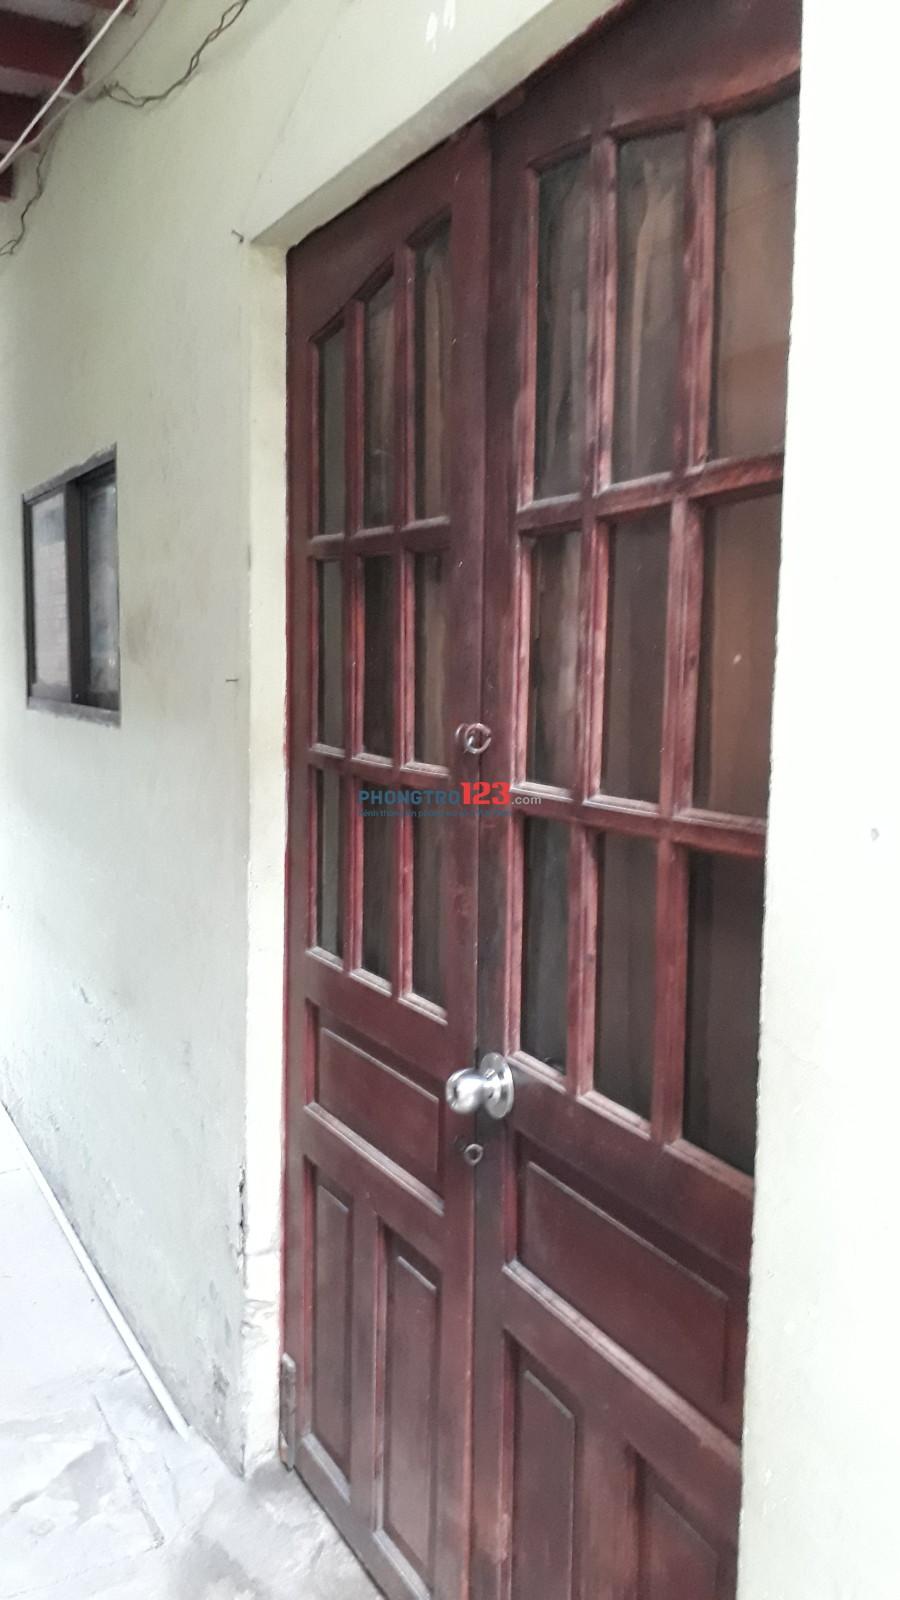 Nhà cho thuê nguyên căn 1 trệt, 1 lầu Quận 1 35m2, giá 4tr/tháng